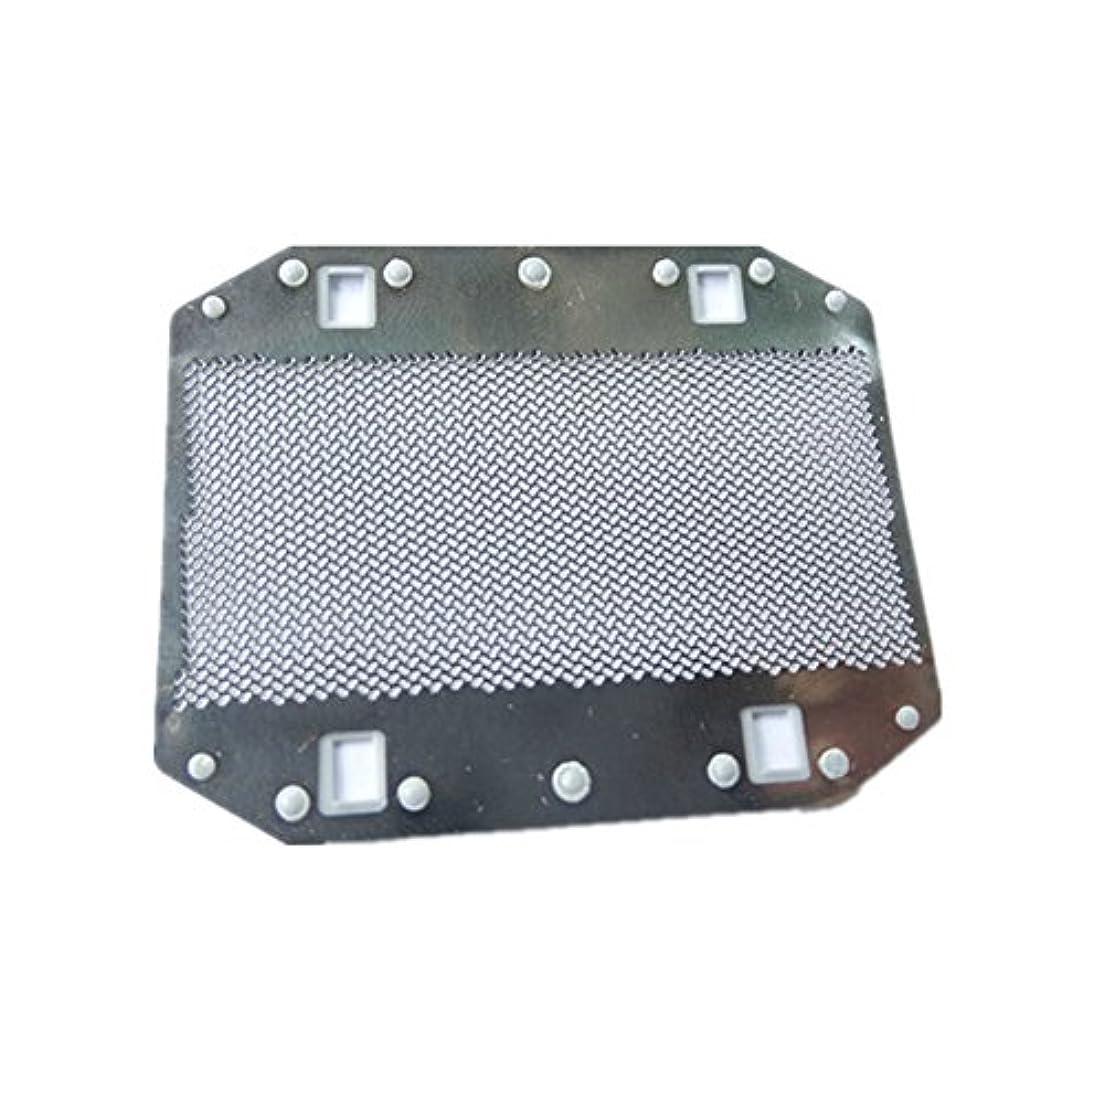 増幅する失業者ベイビーHZjundasi Replacement Outer ホイル for Panasonic ES3750/3760/RP40/815/3050 ES9943